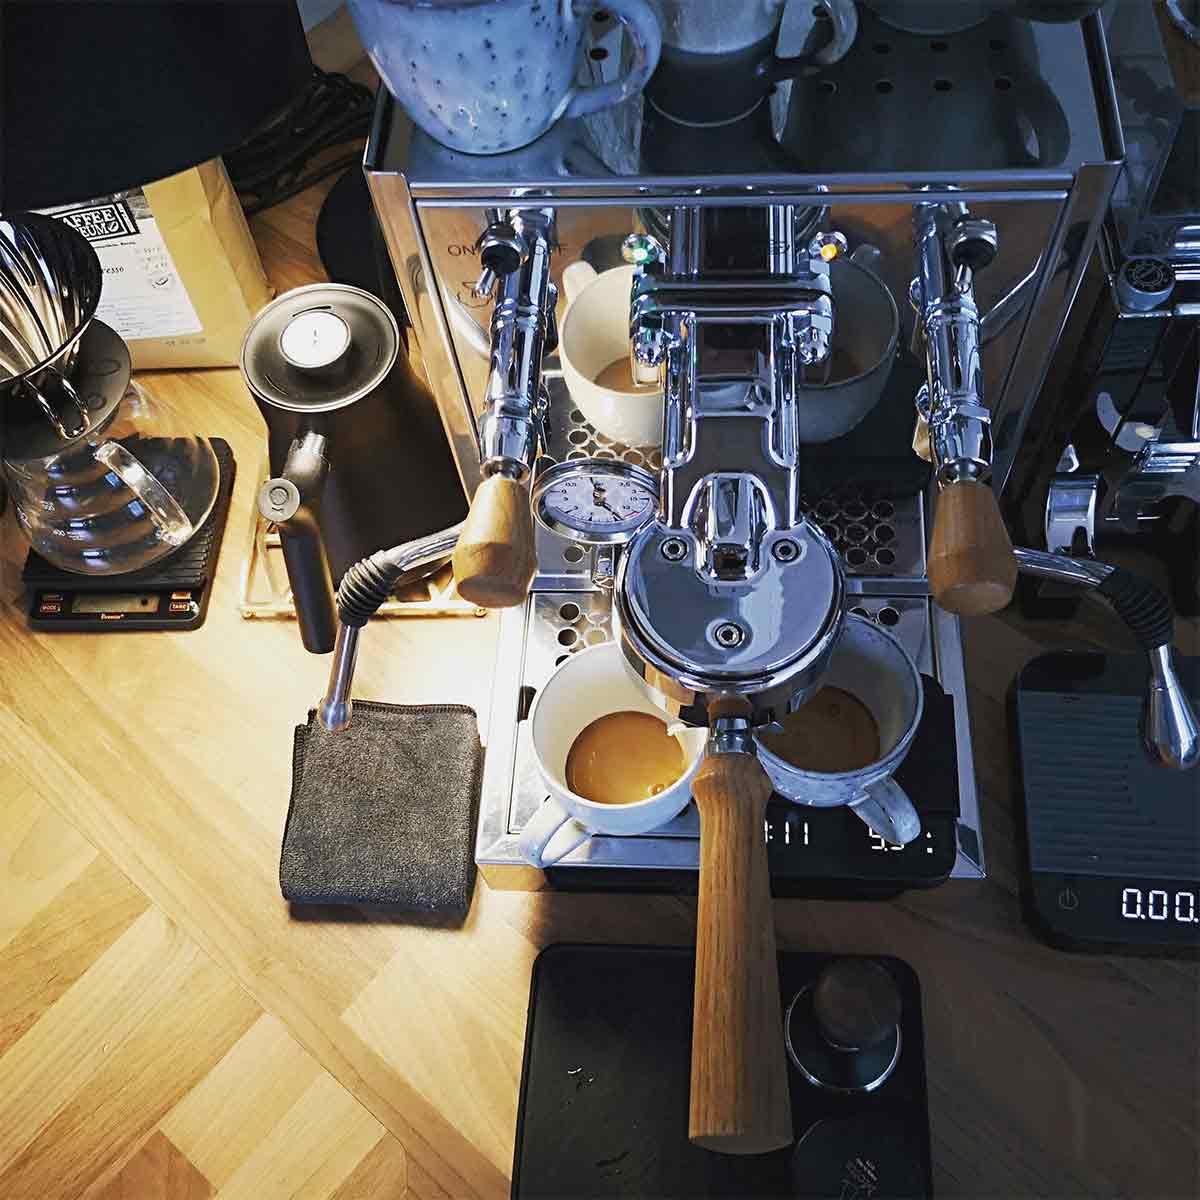 Foto deiner Kaffee-Ecke, your coffee corner: CafCaf – Kaffee & Blog, Kaffeeblog